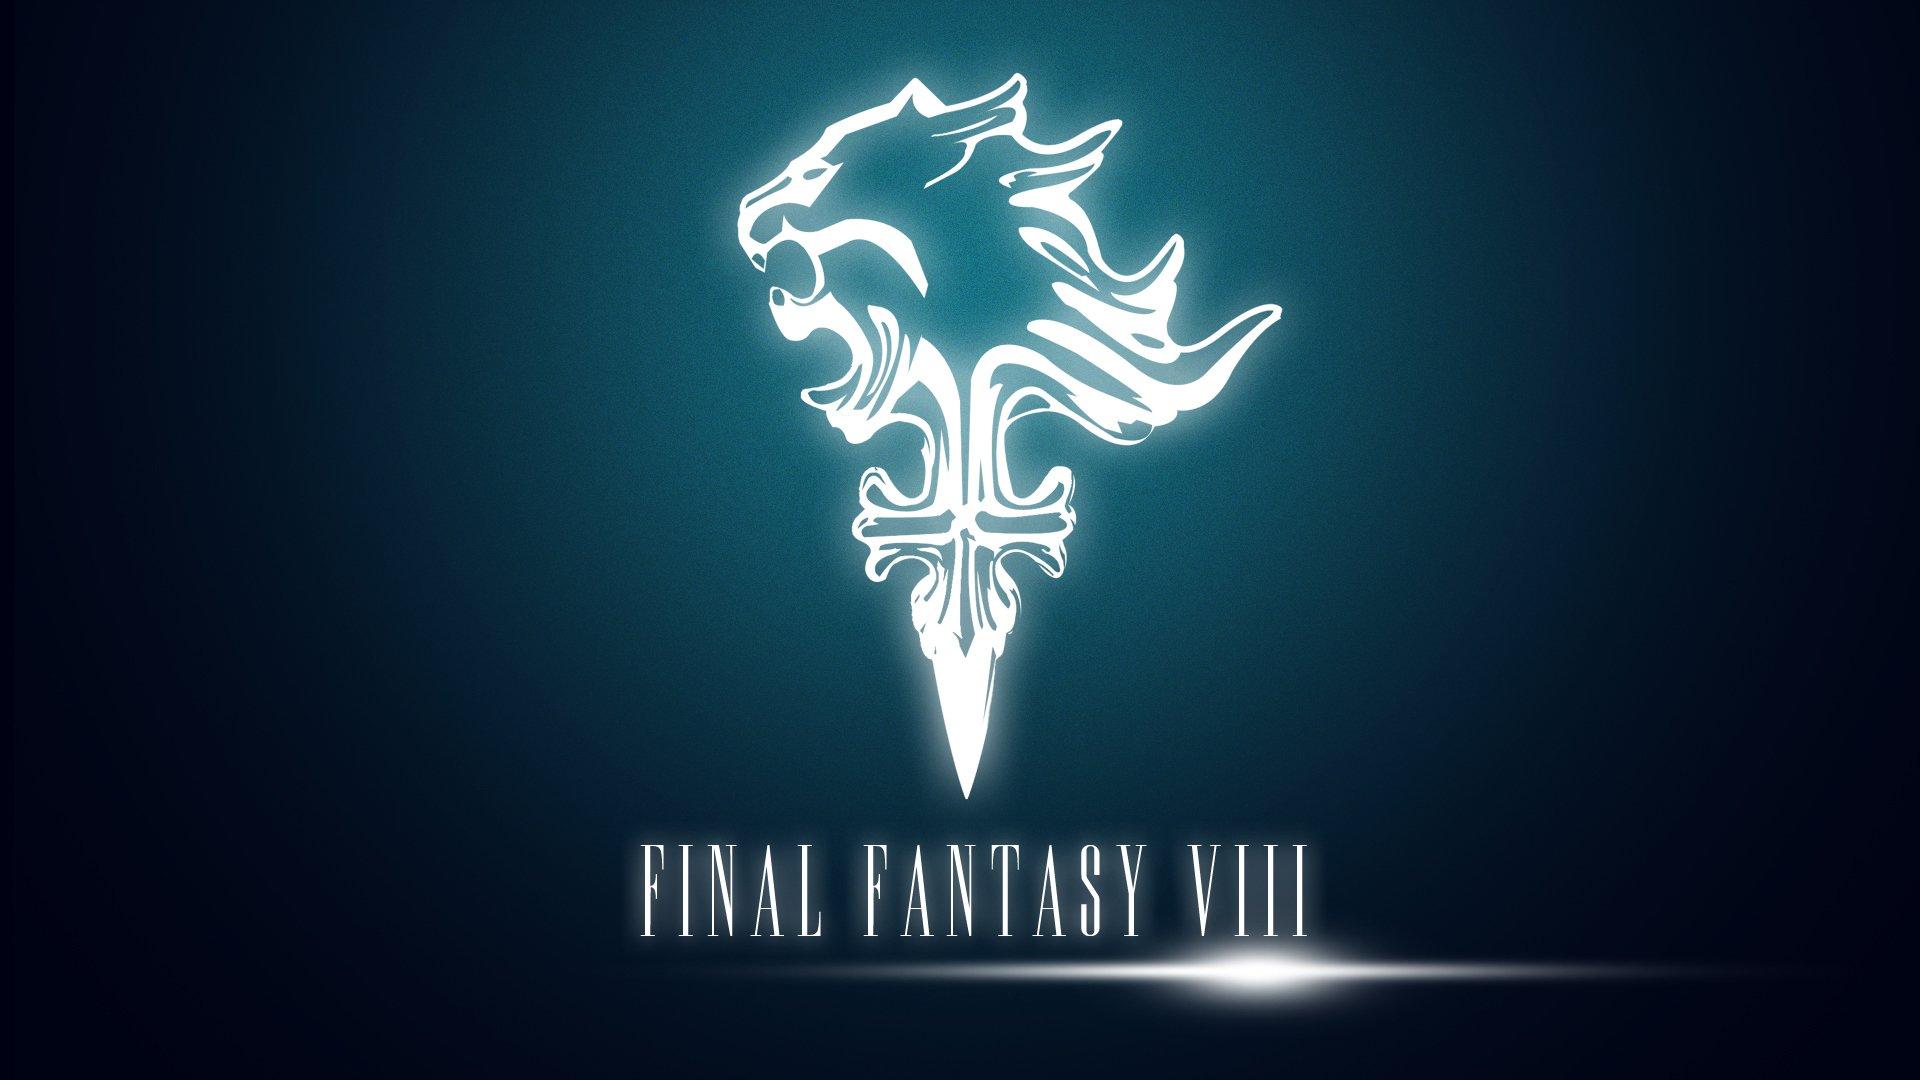 Download 99 Wallpaper Final Fantasy Viii Gratis Terbaik